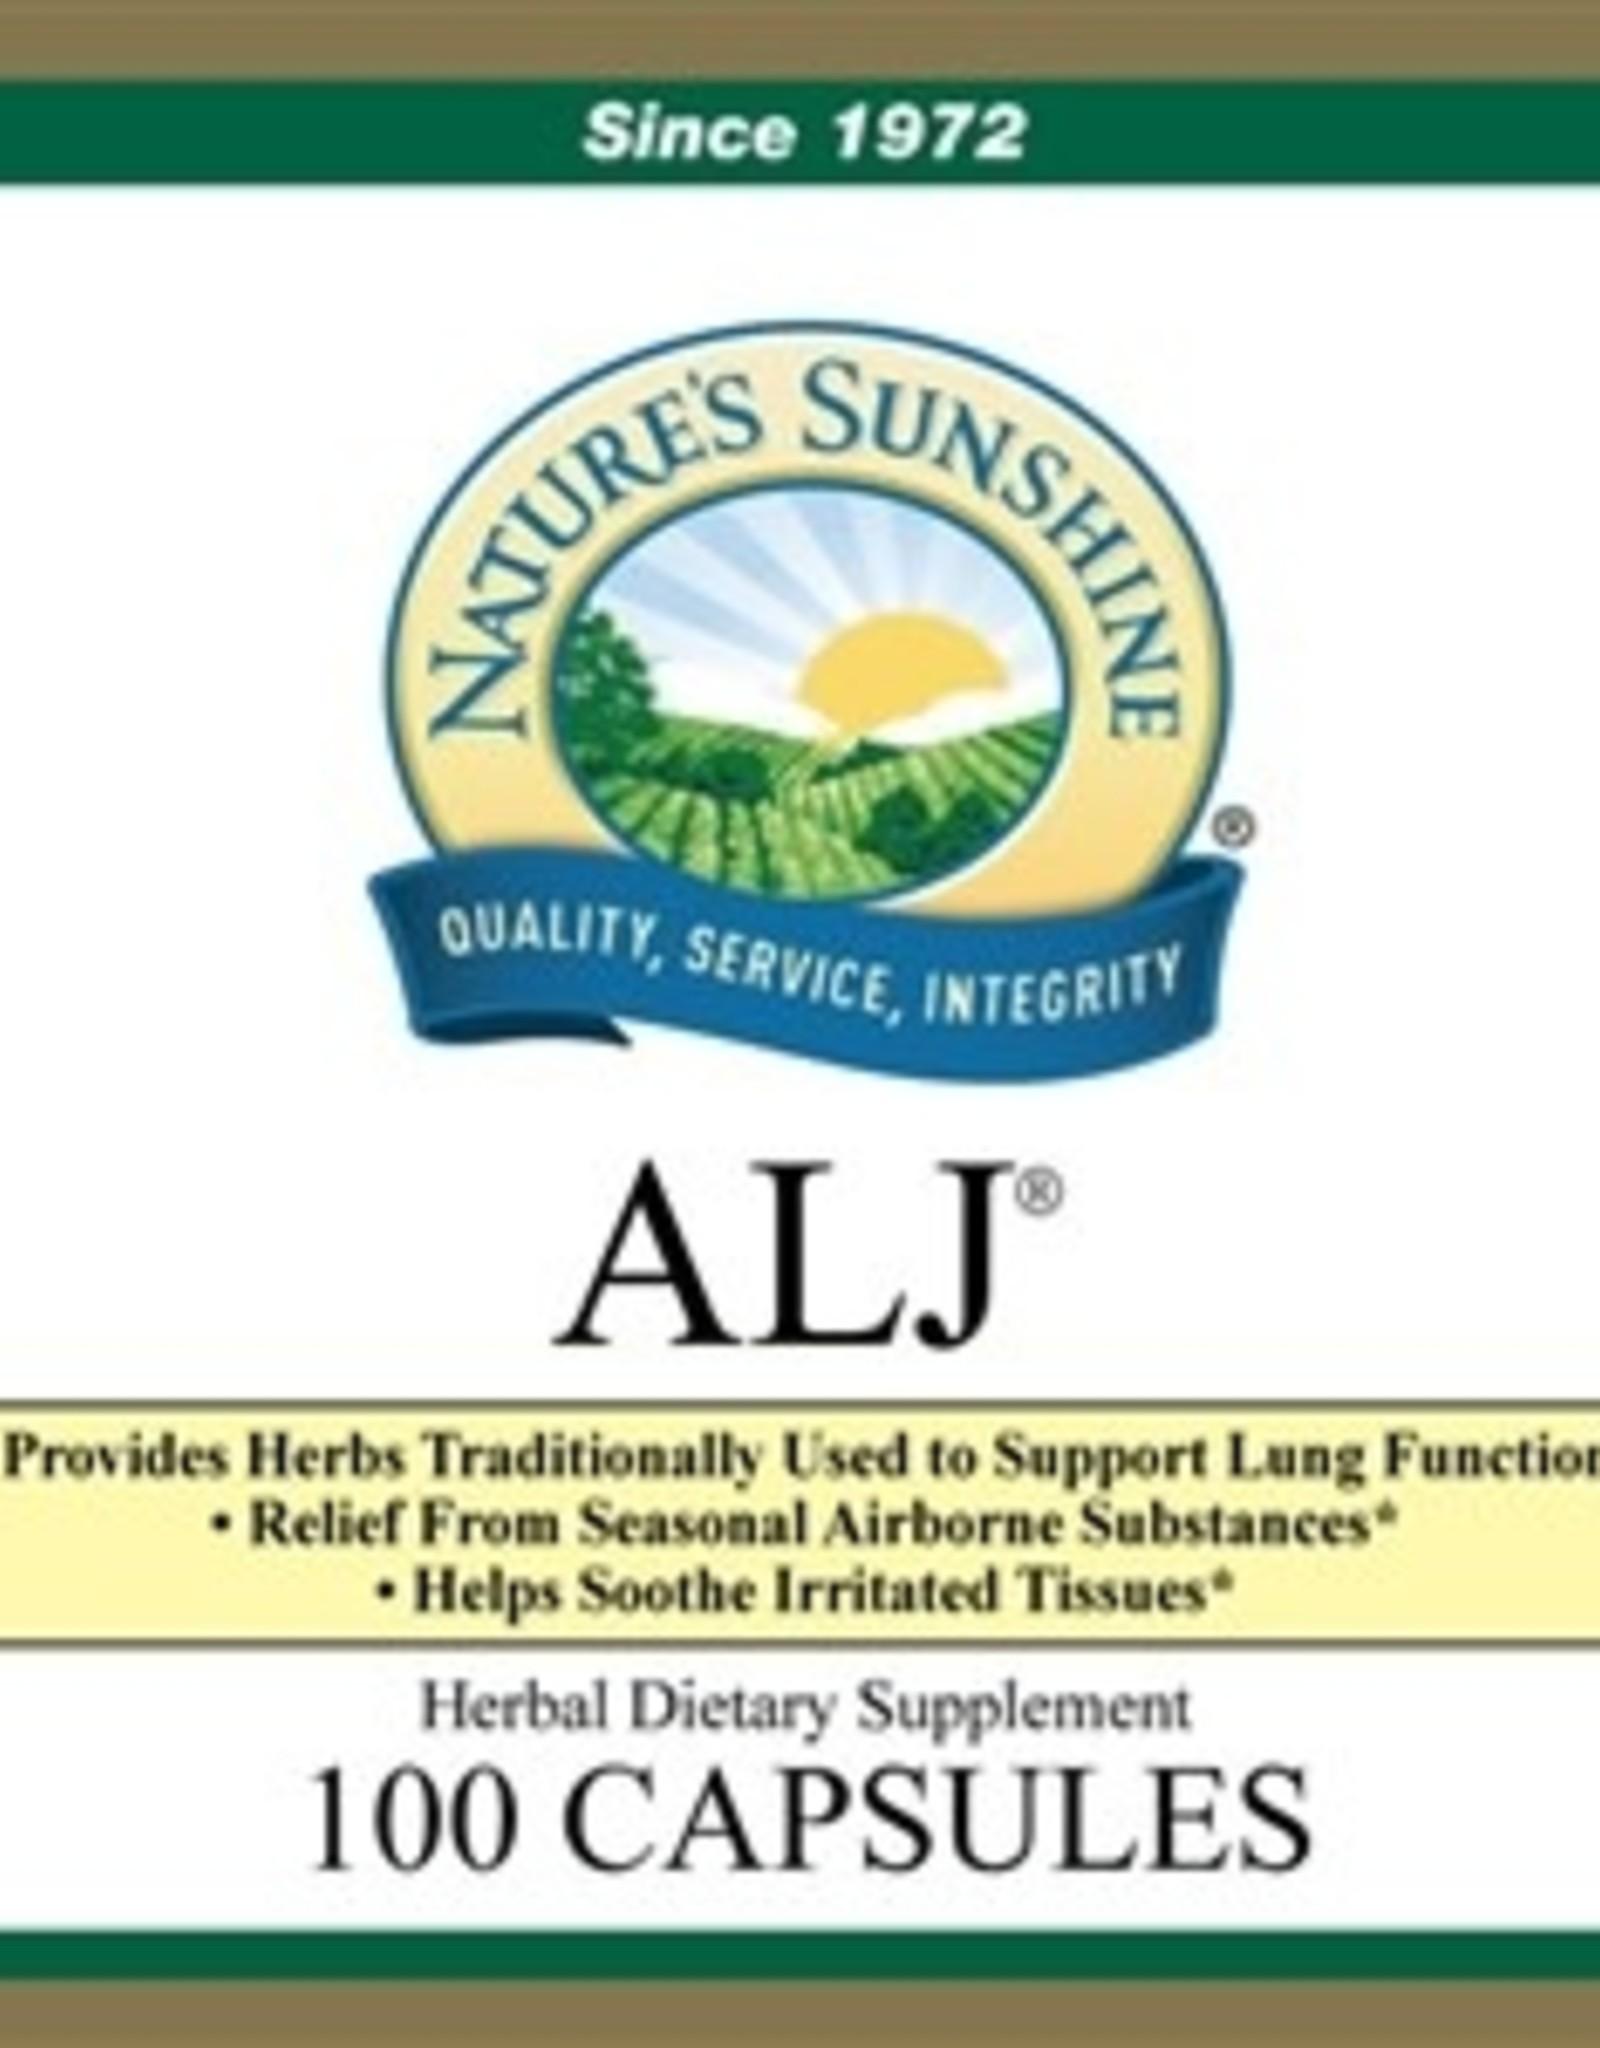 Nature's Sunshine Seasonal Allergy (formerly ALJ®) (100 caps)